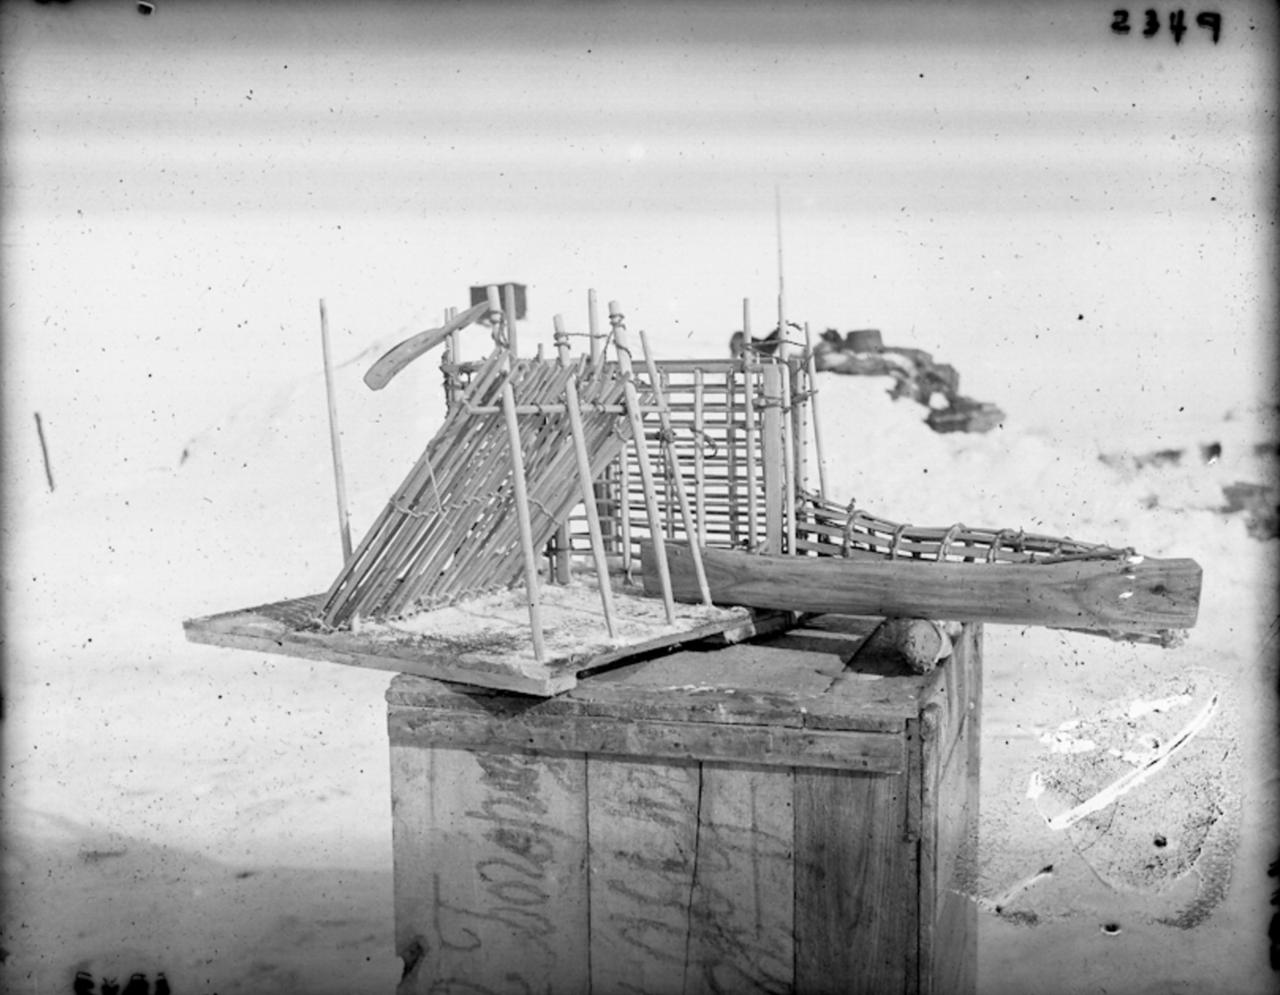 Камчатская ловушка для рыб, Сибирь, 1901